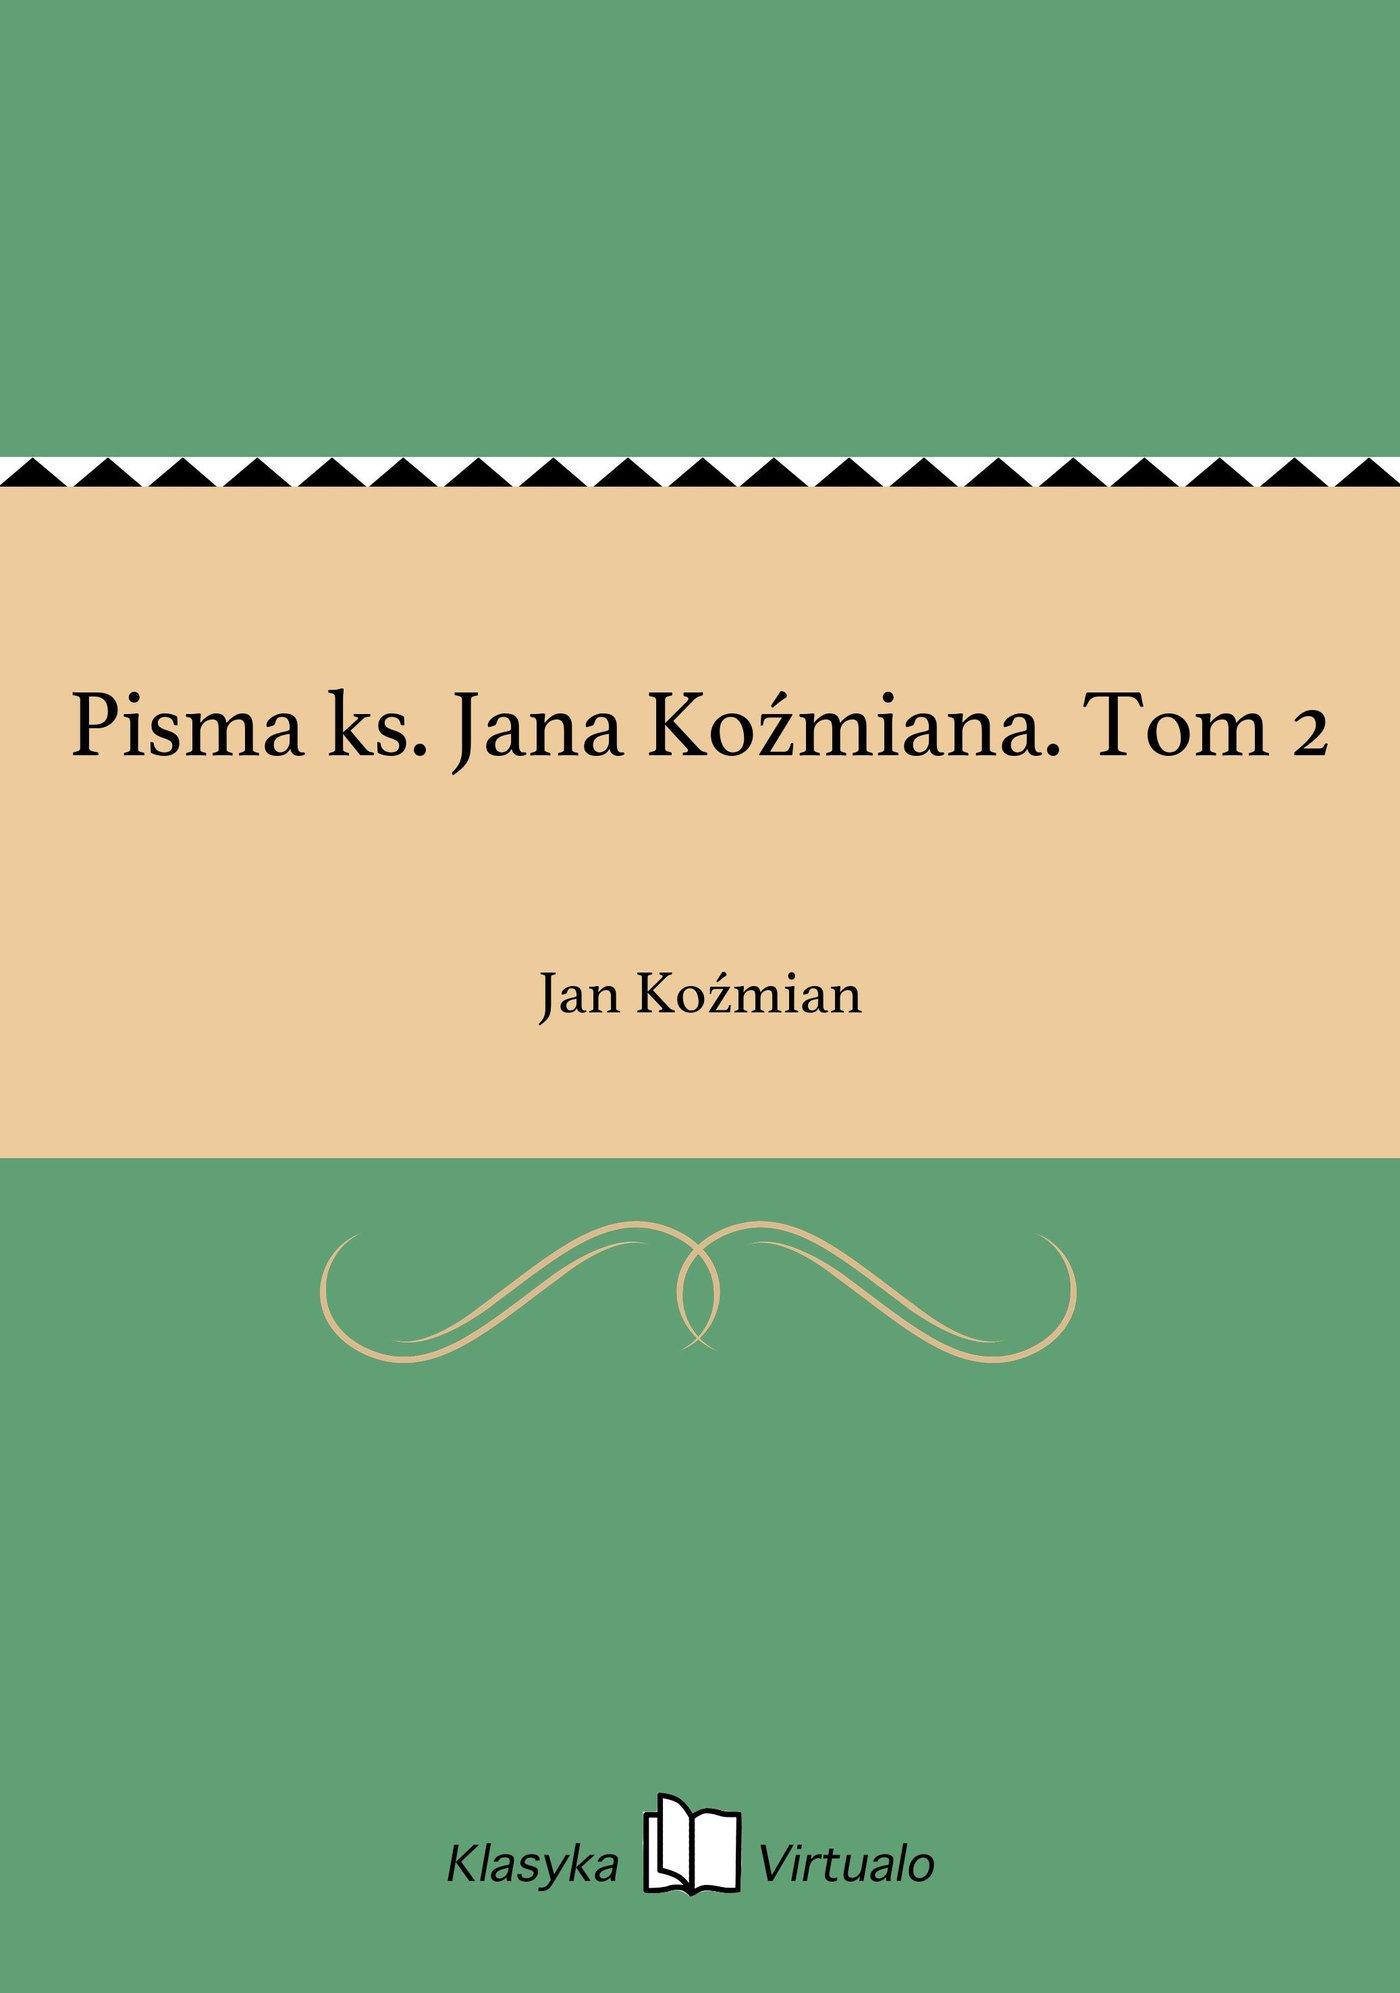 Pisma ks. Jana Koźmiana. Tom 2 - Ebook (Książka EPUB) do pobrania w formacie EPUB